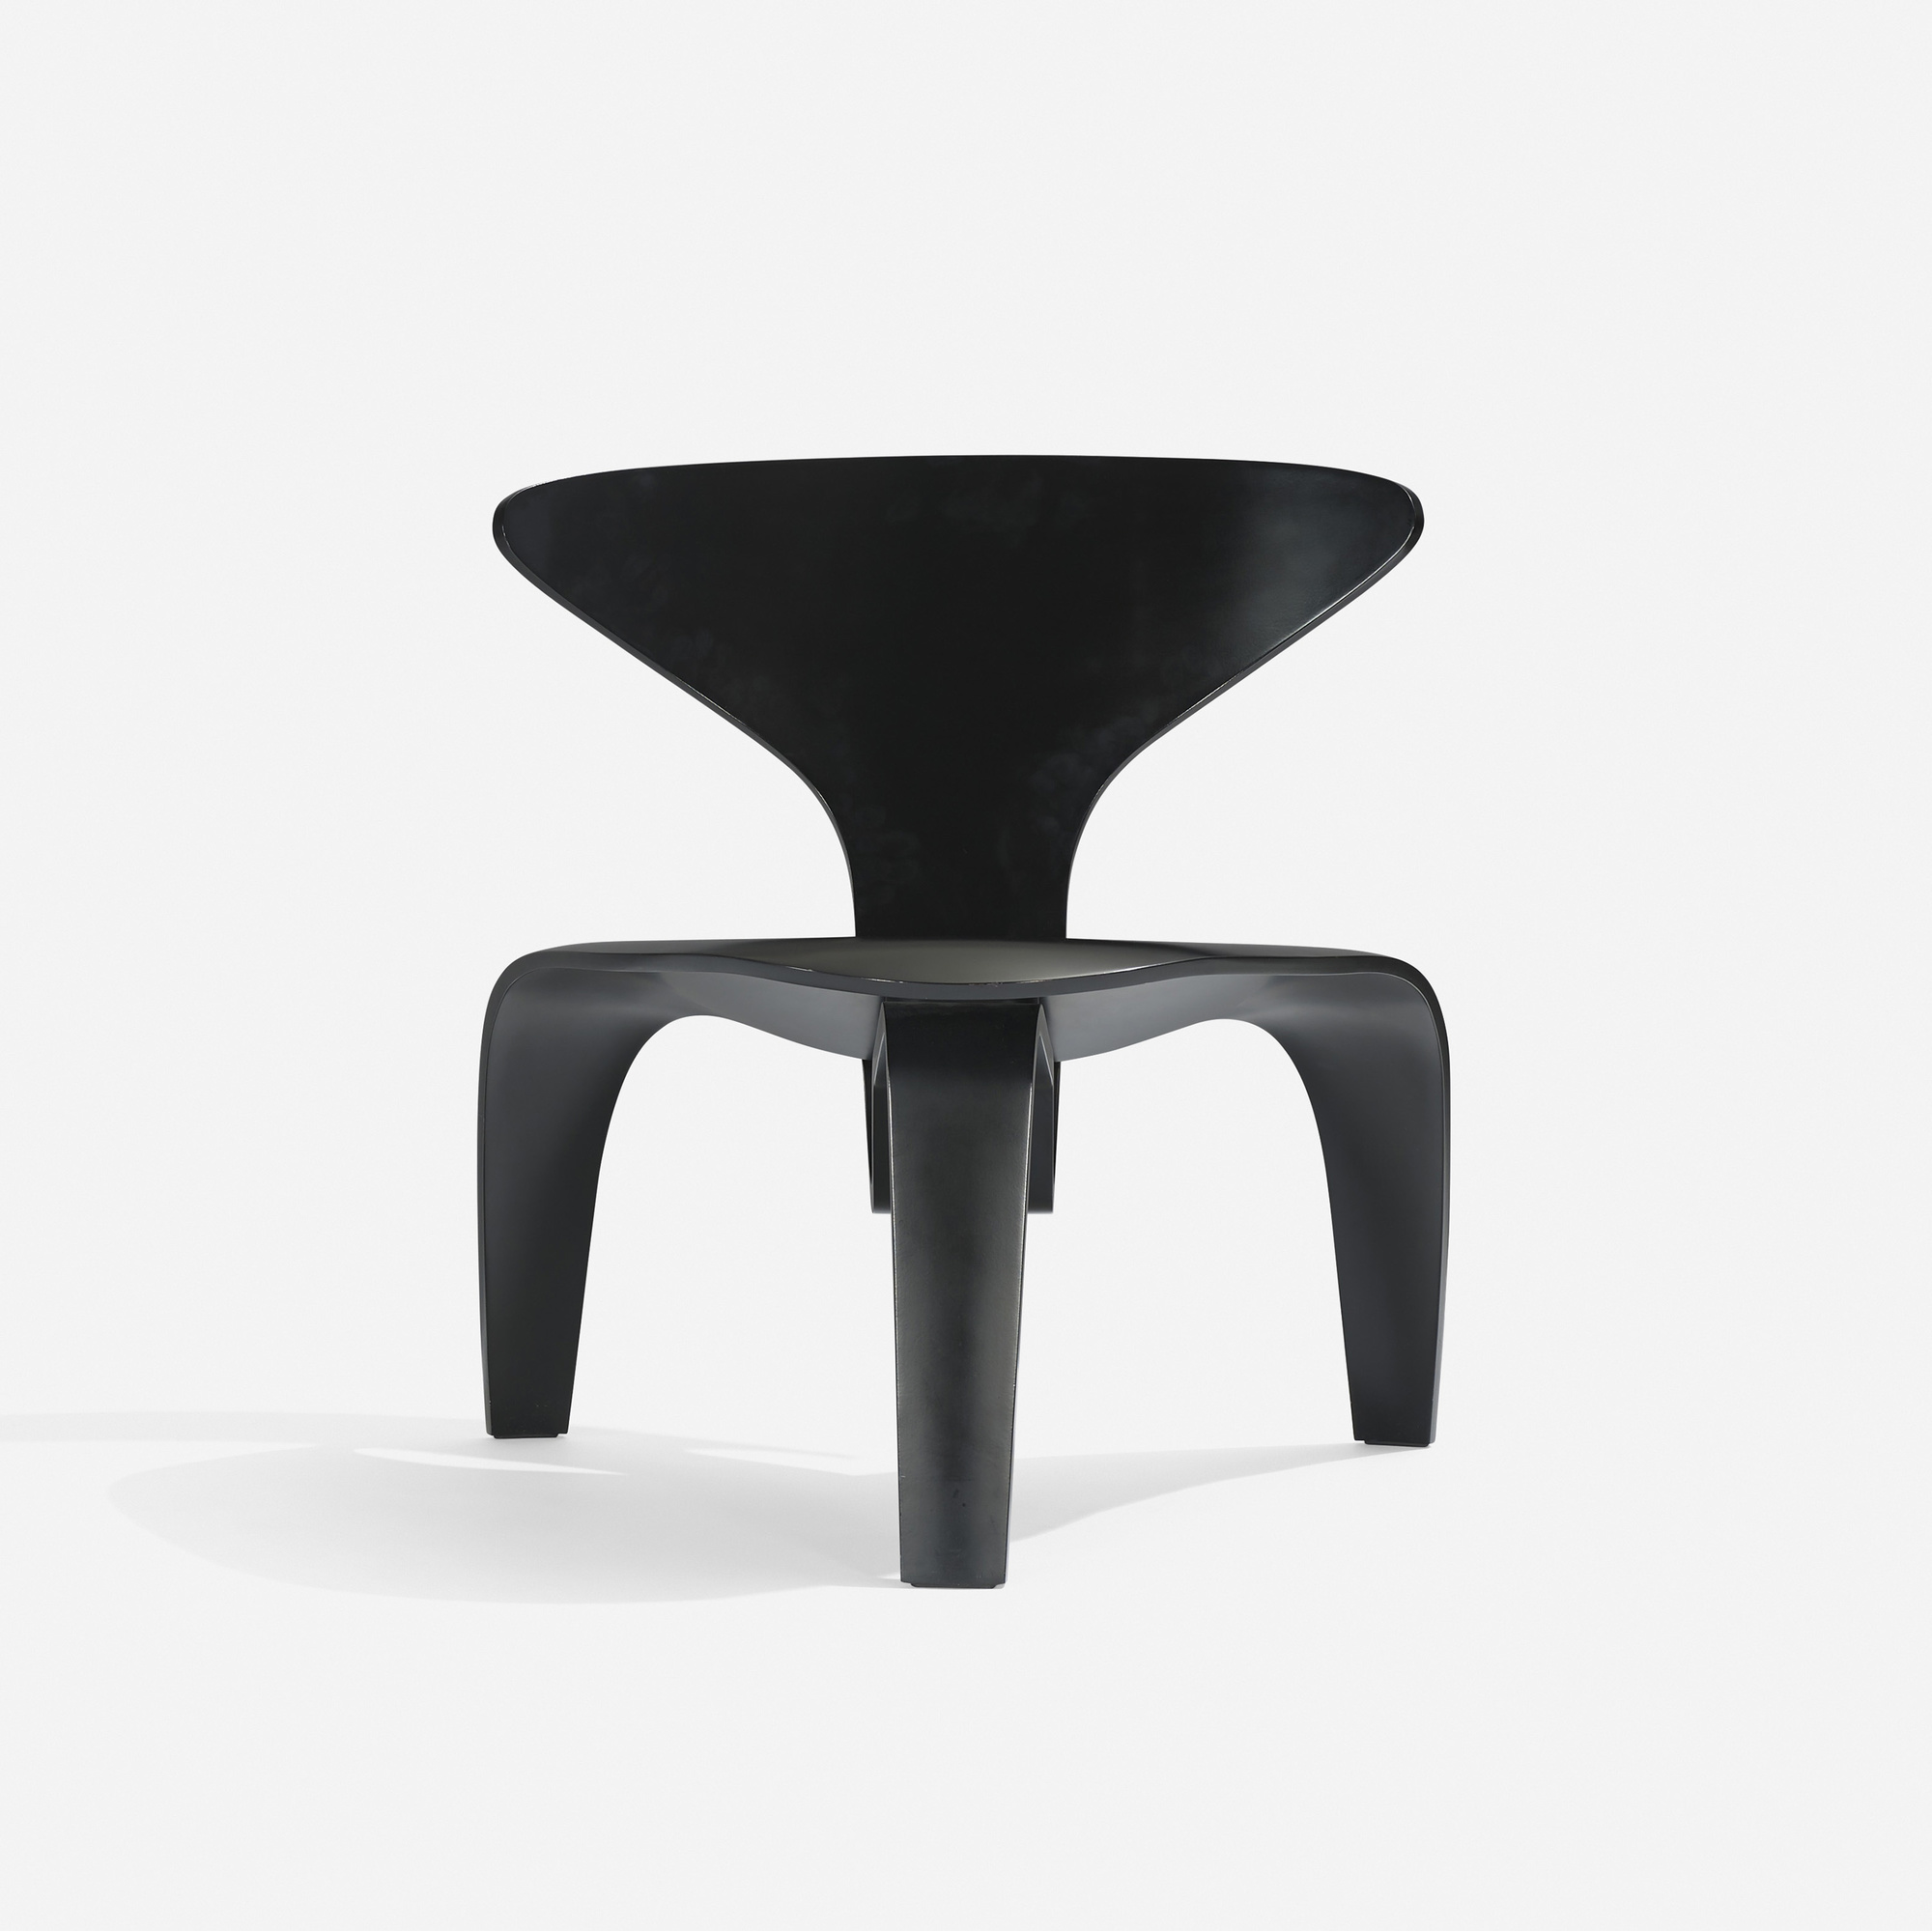 ... 346: Poul Kjaerholm / PK 0 Lounge Chair (2 Of 5)